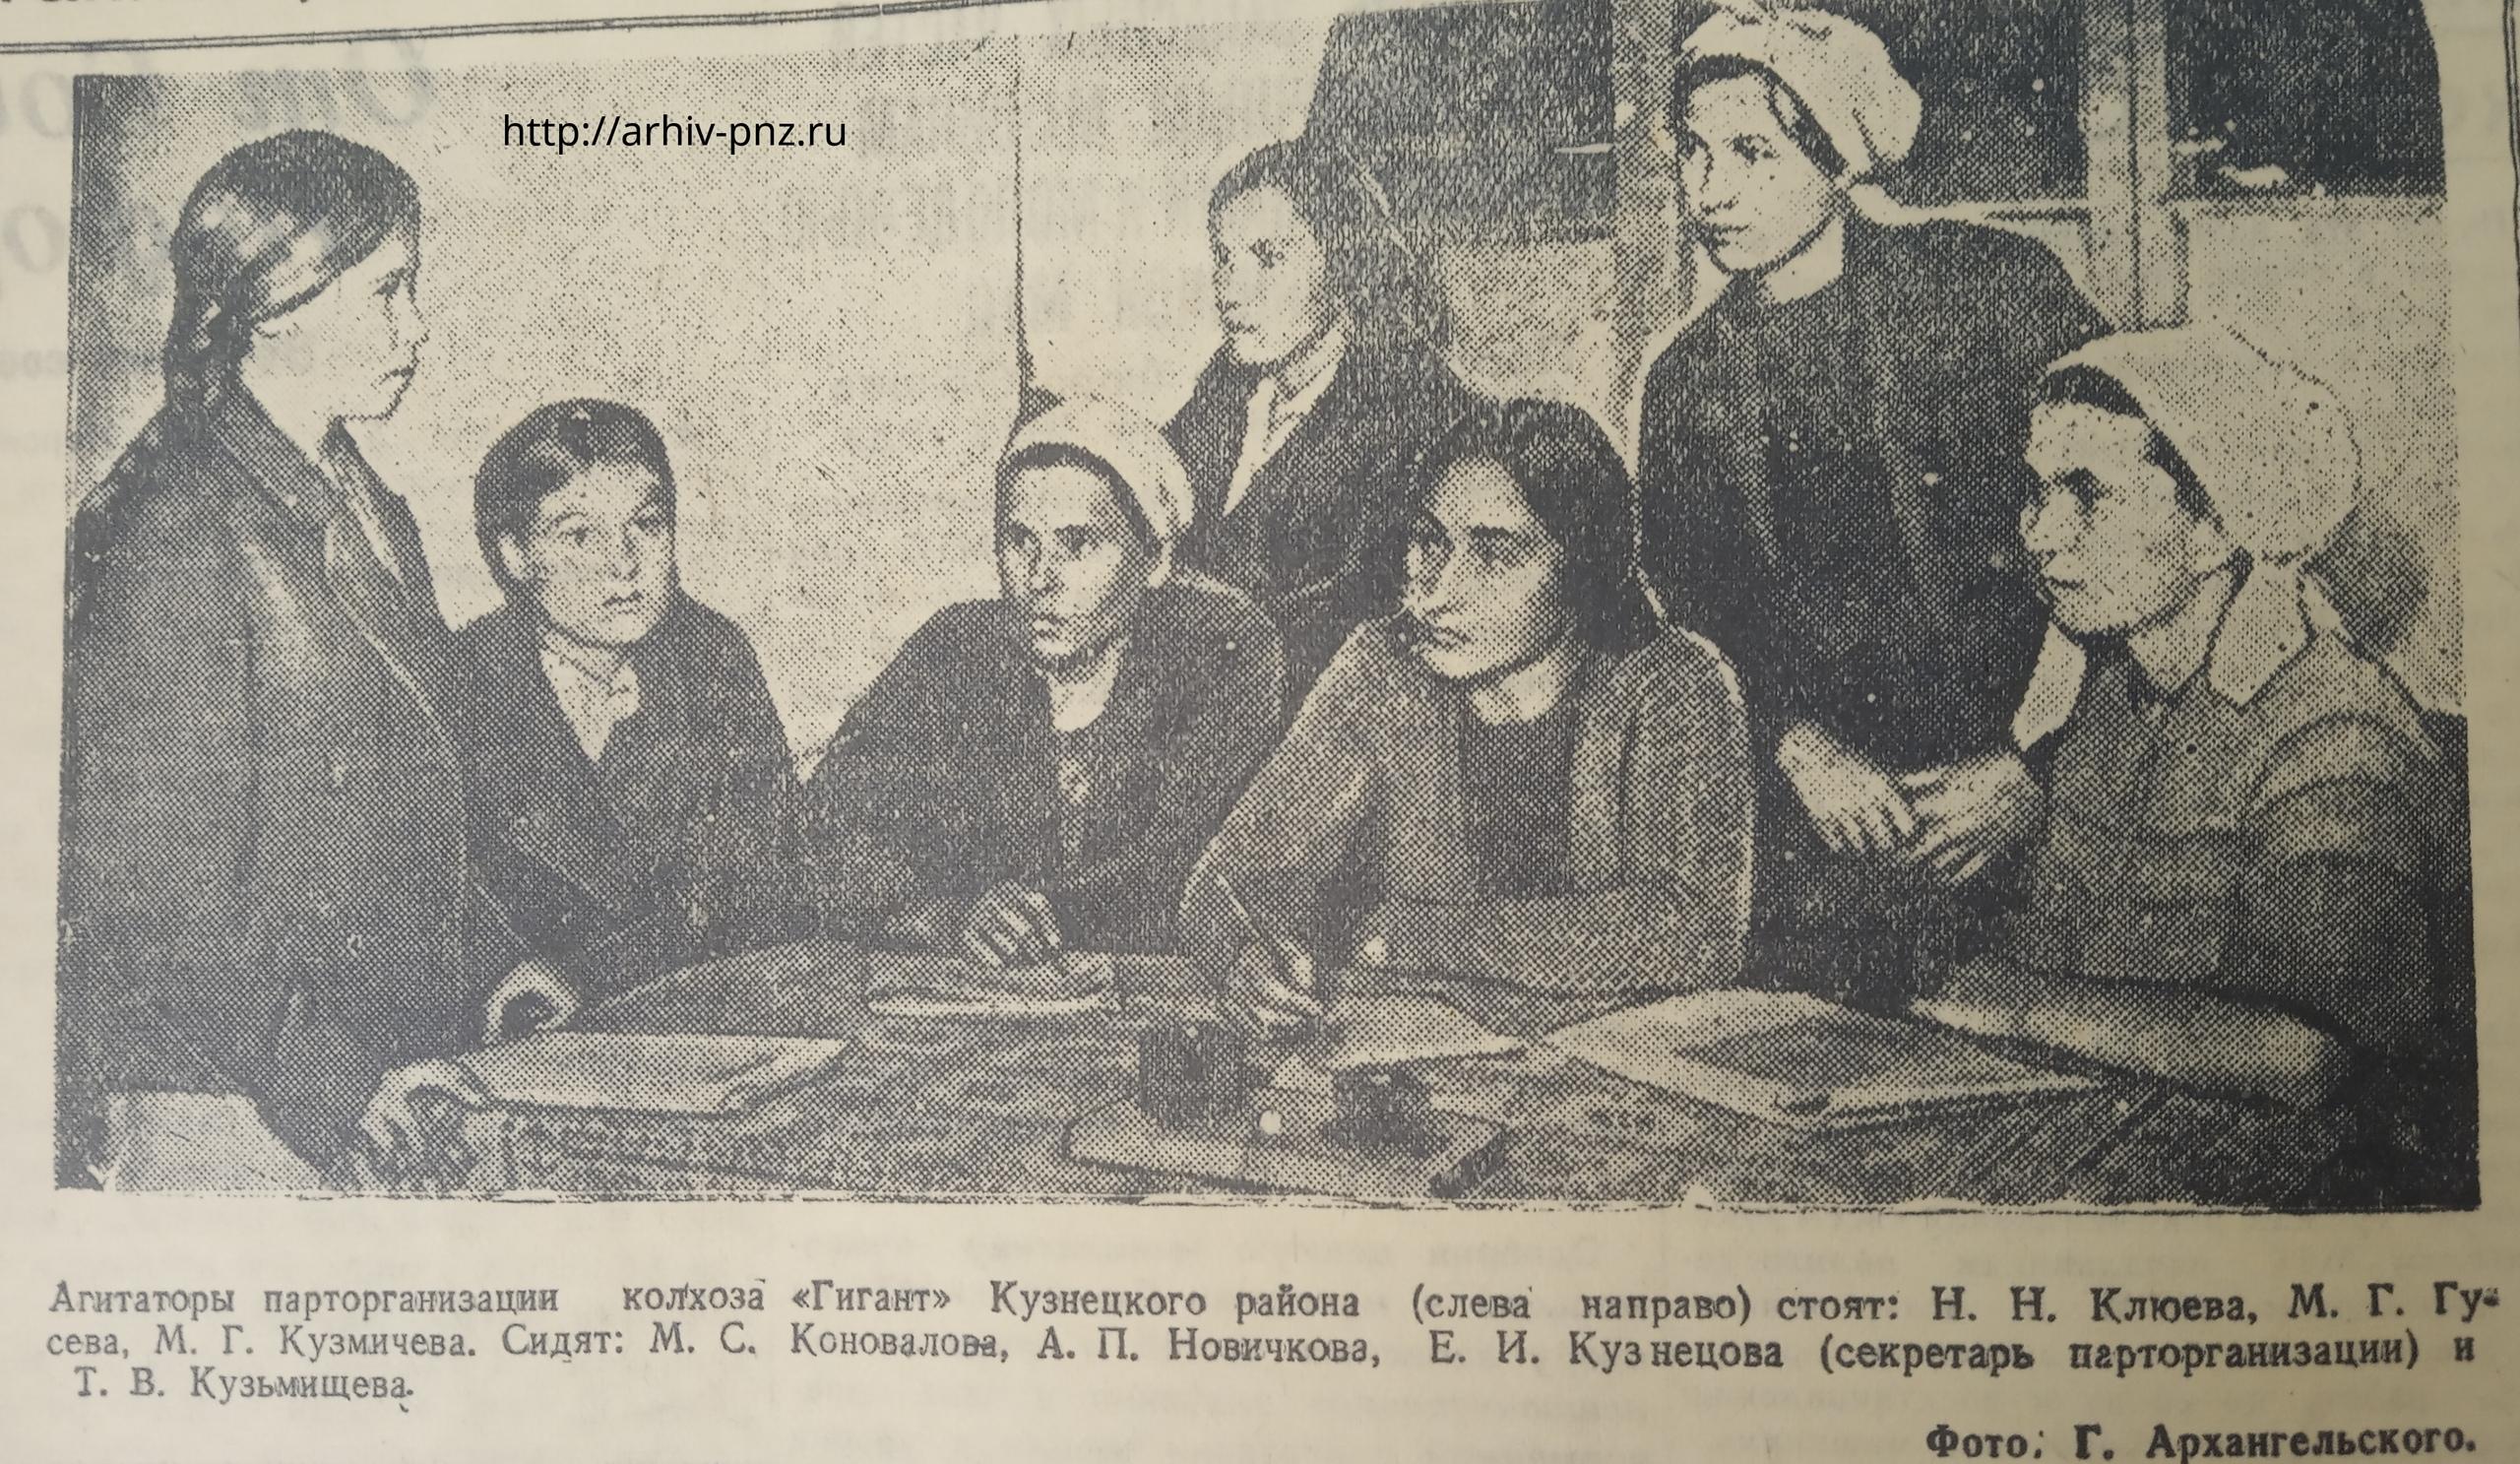 Пензенский архив поделился заметкой из газеты военного времени